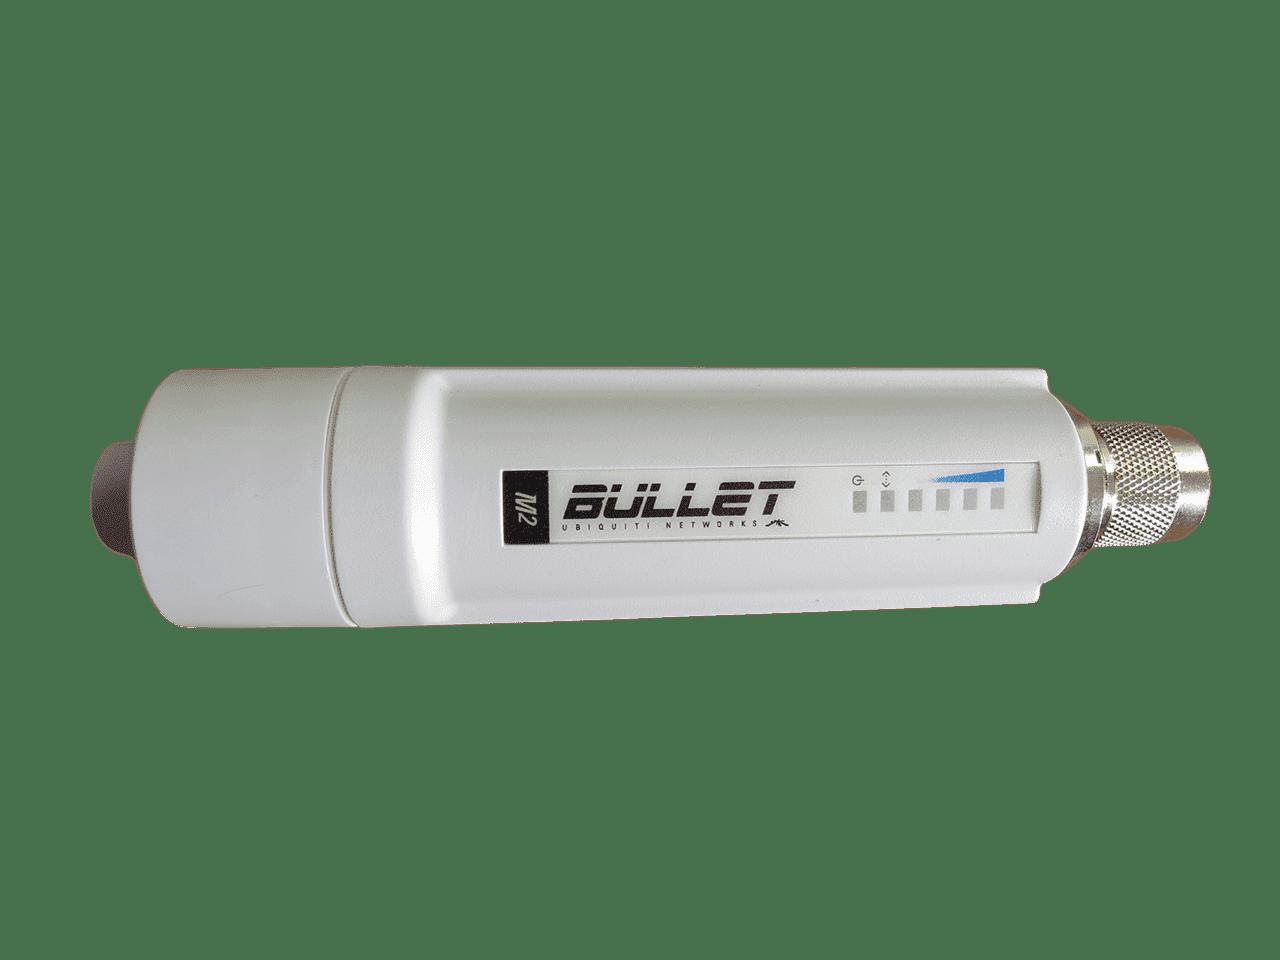 Обзор Bullet M2 HP. Миниатюрная мощь.